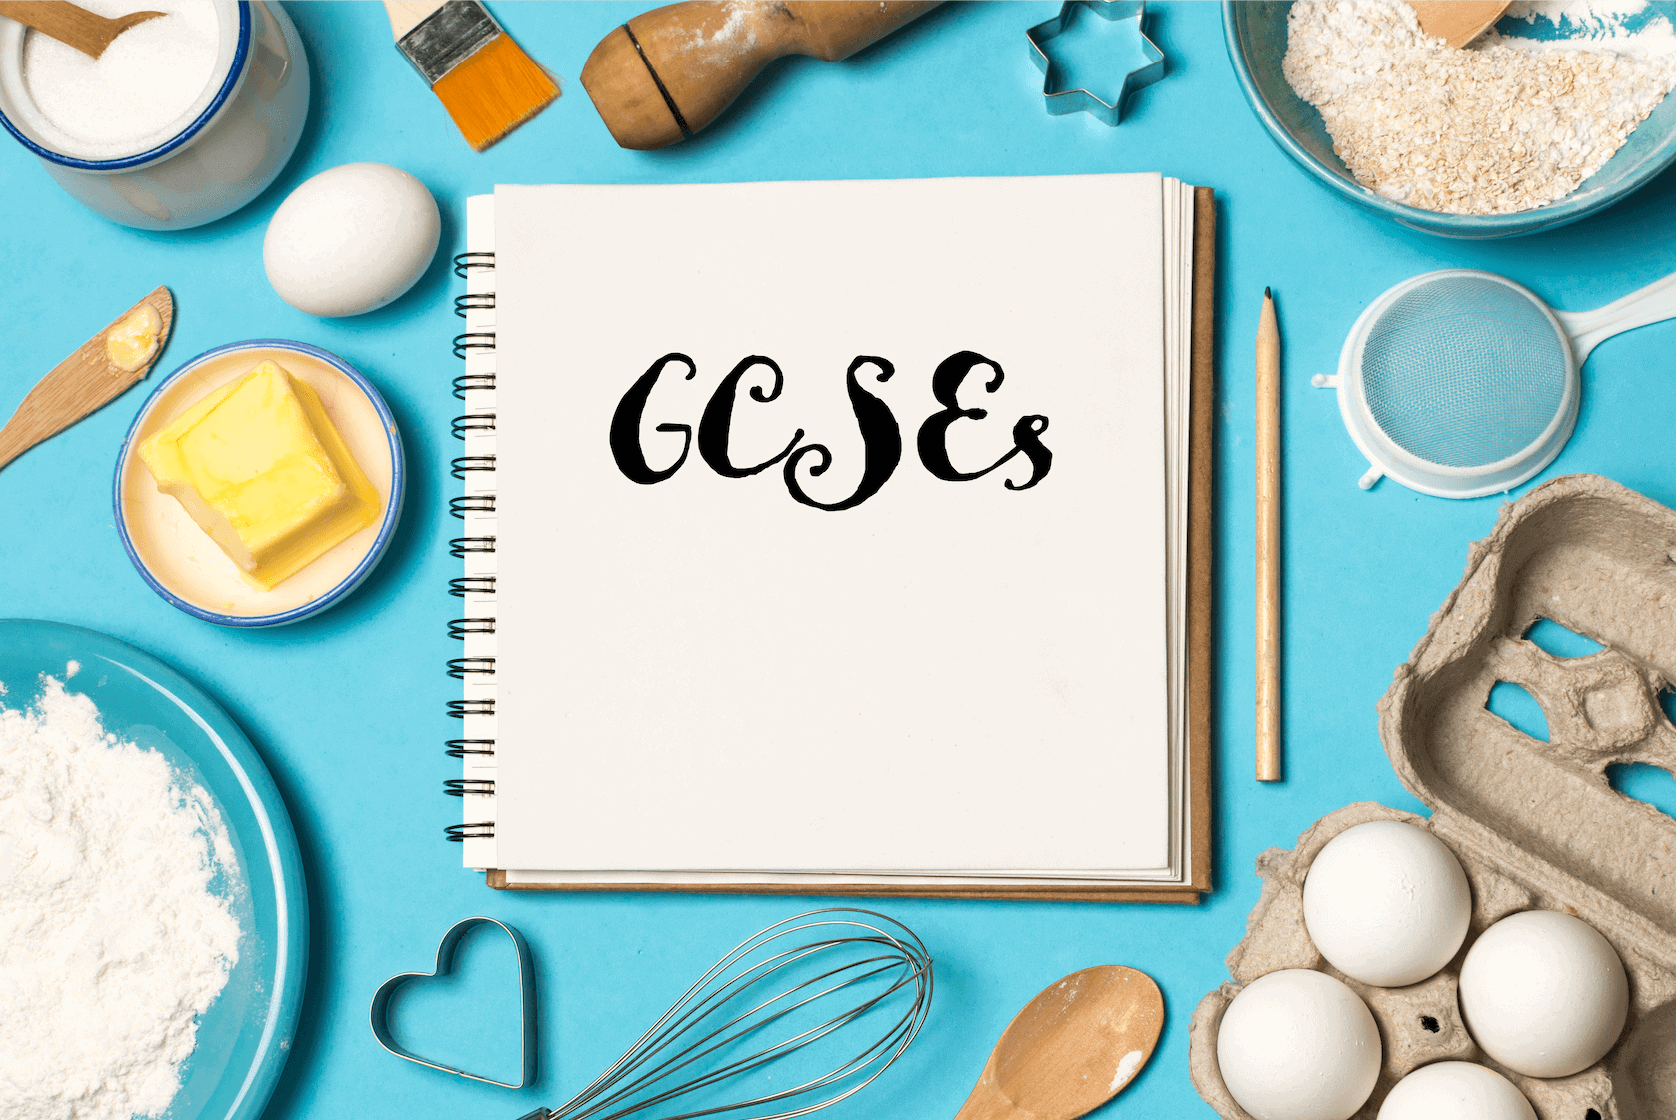 The recipe for GCSE success